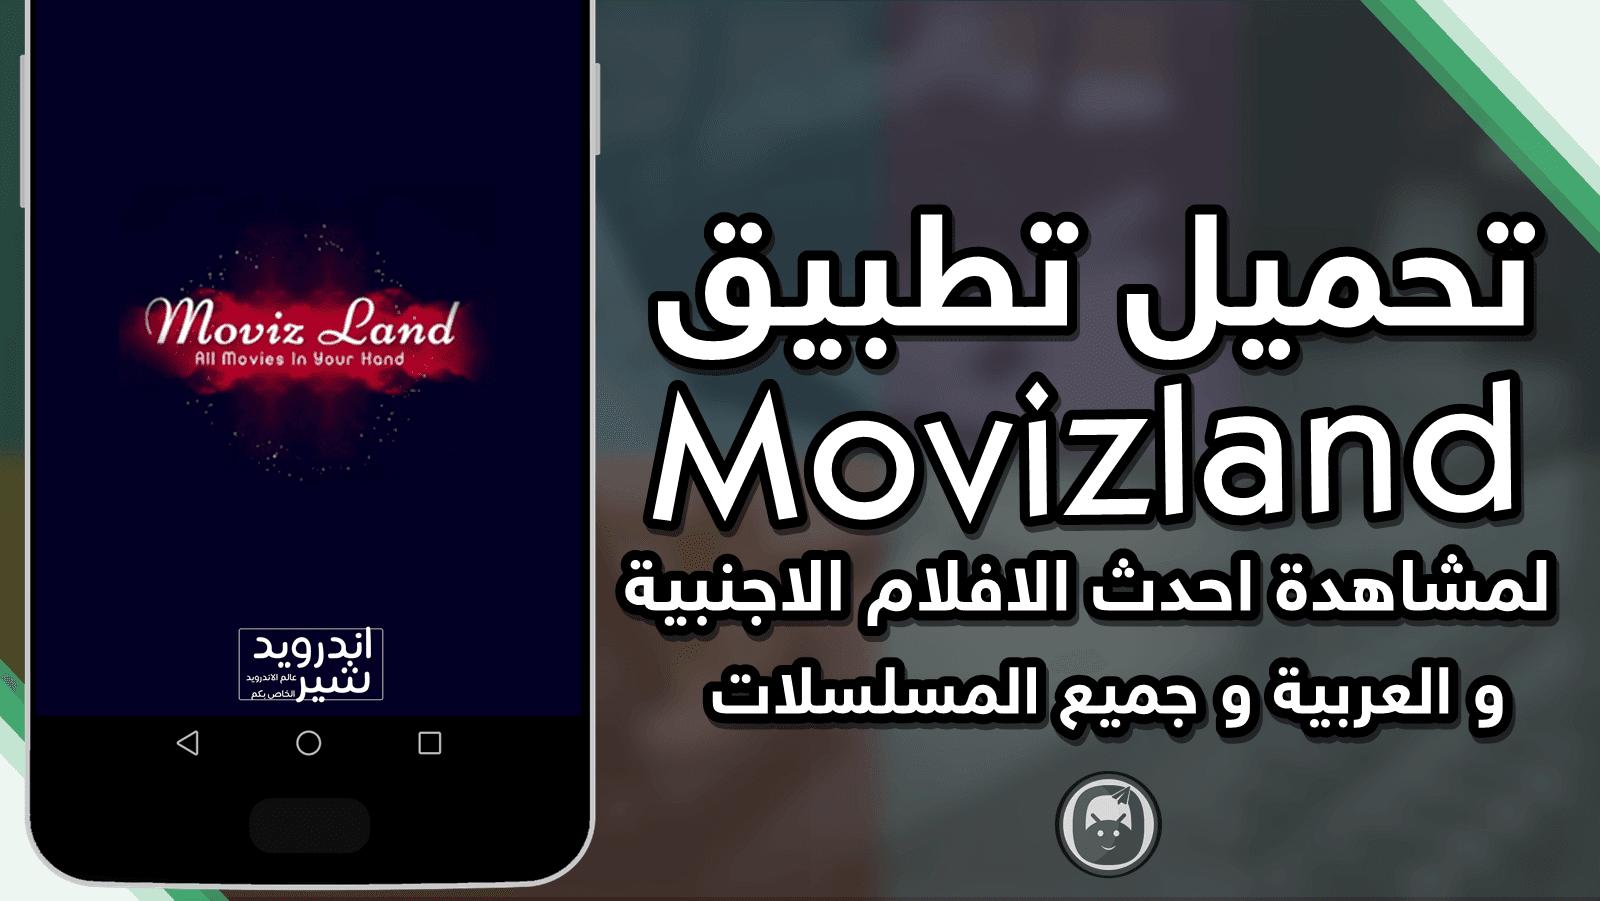 تحميل تطبيق Movizland لمشاهدة احدث الافلام الاجنبية و